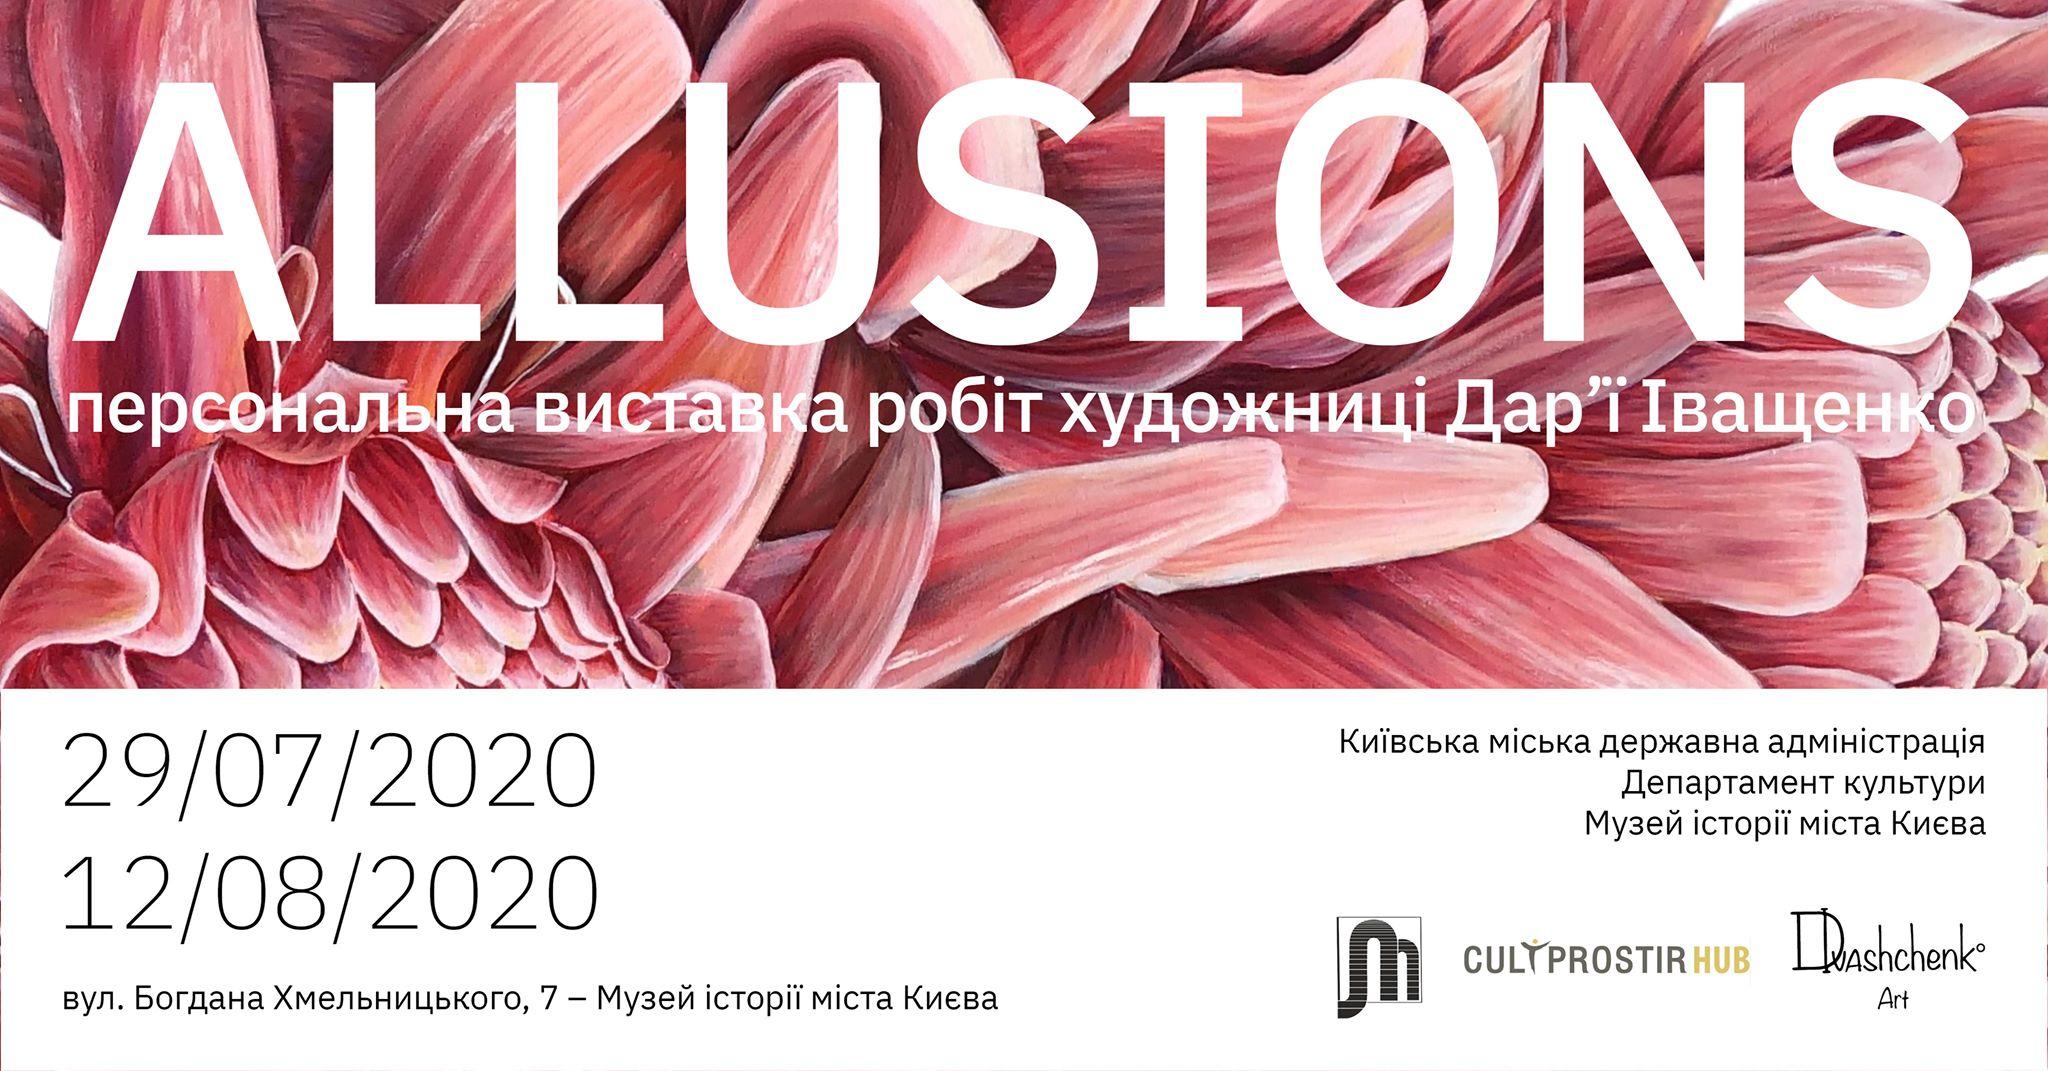 Дар'я Іващенко «Allusions» - Музей історії міста Києва